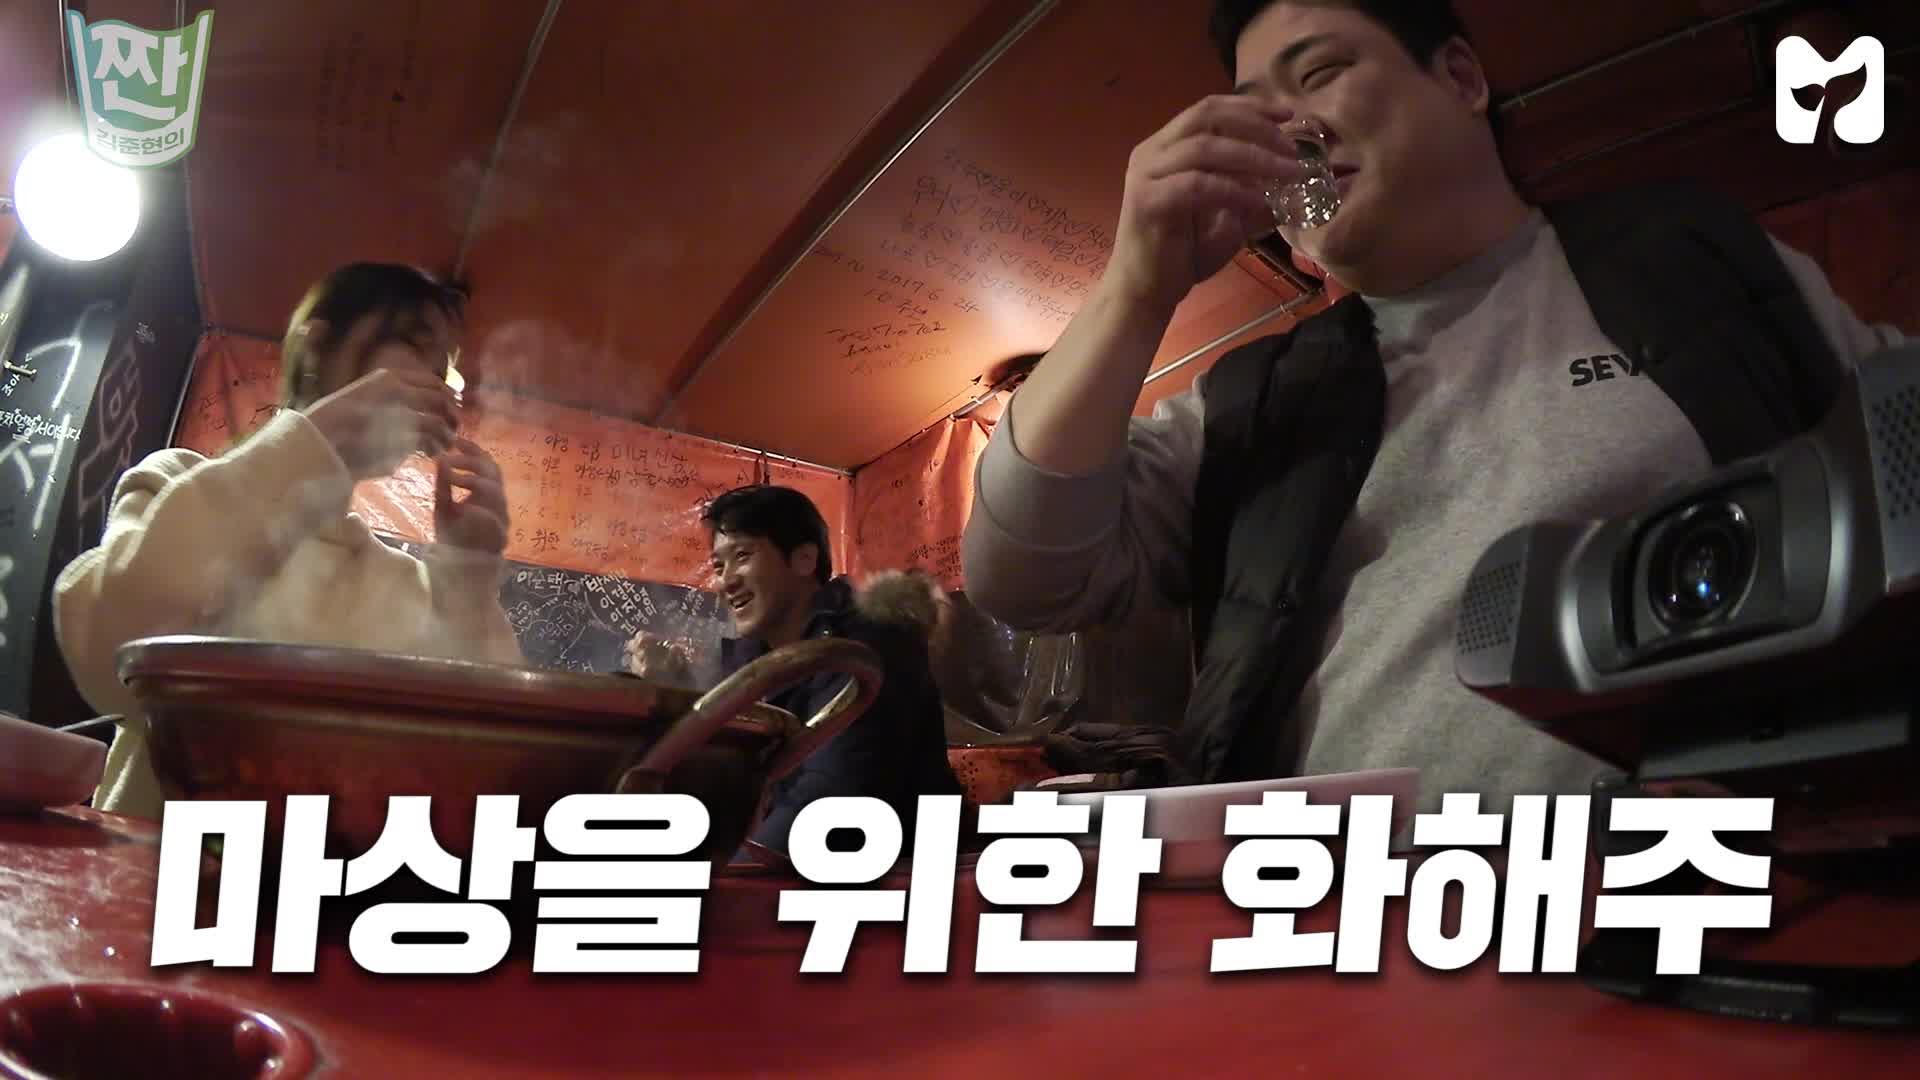 인디 가수들과 술 마시다 라이브 쇼 하는 김준현 <김준현의짠> 6회